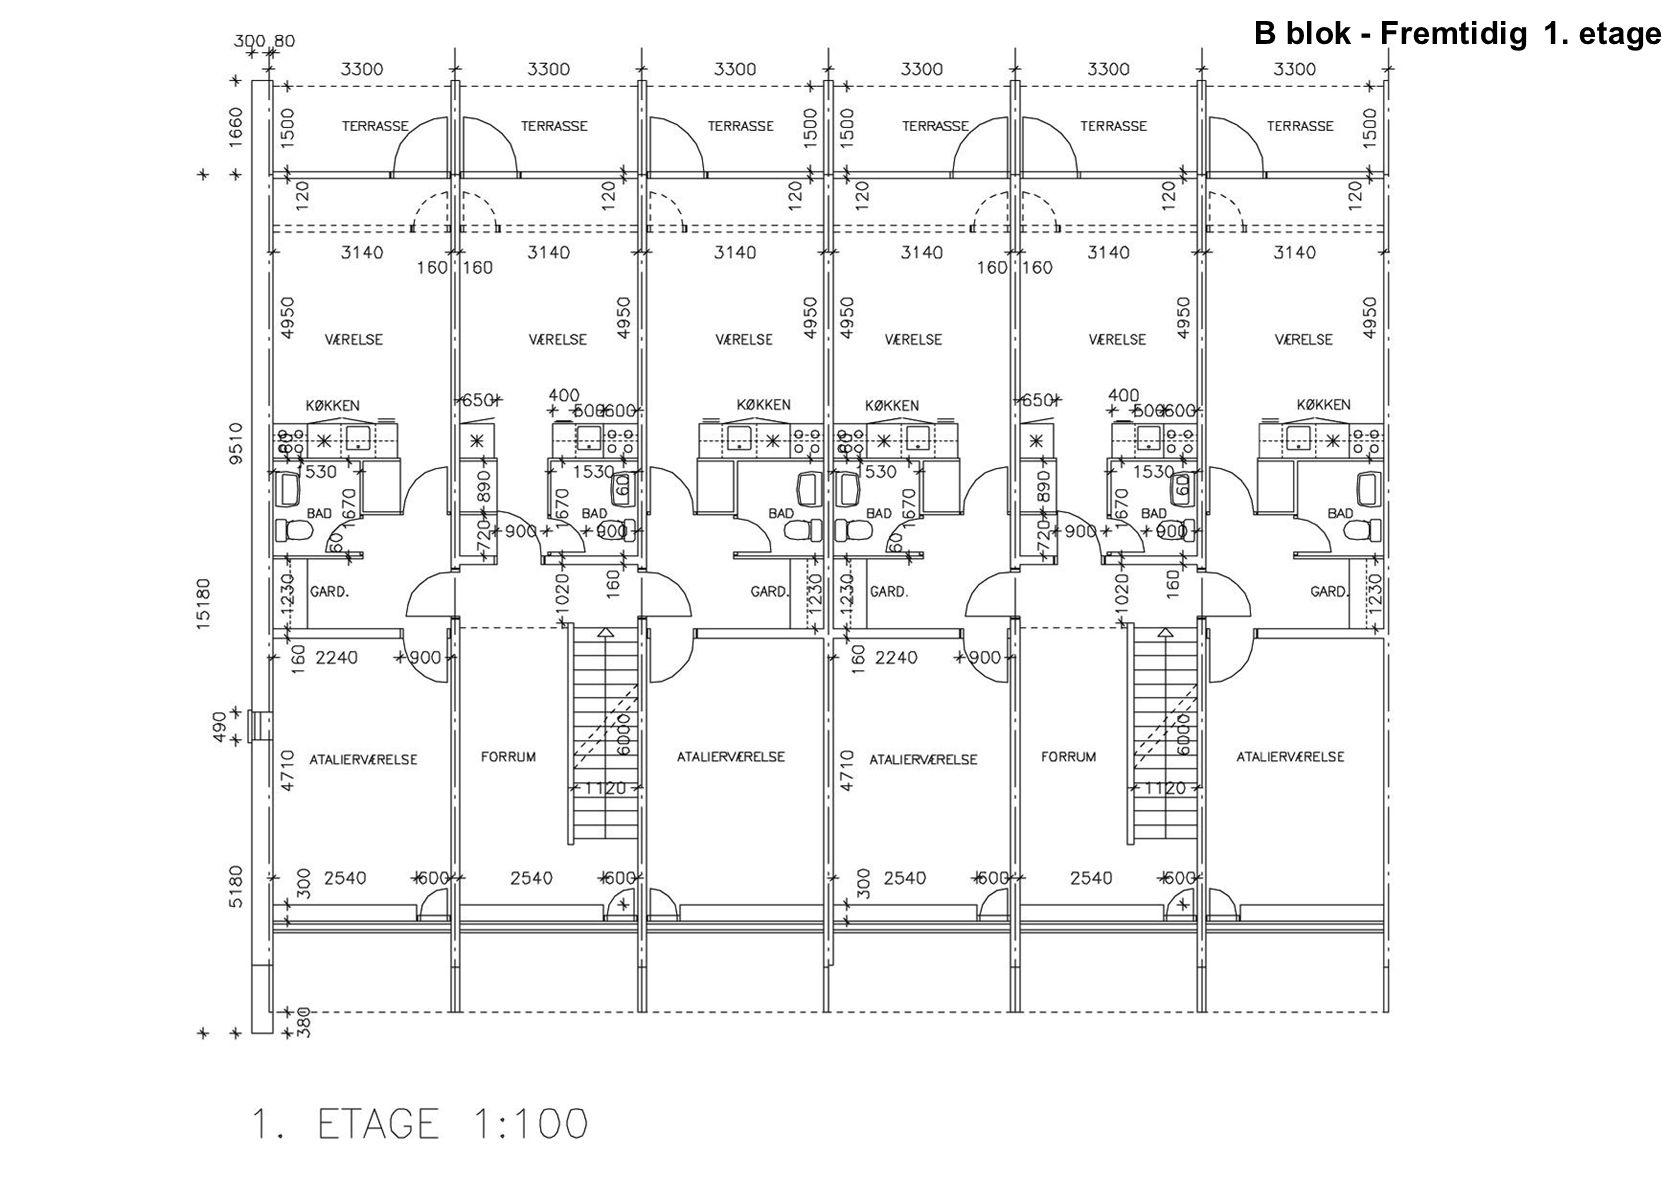 B blok - Fremtidig 1. etage